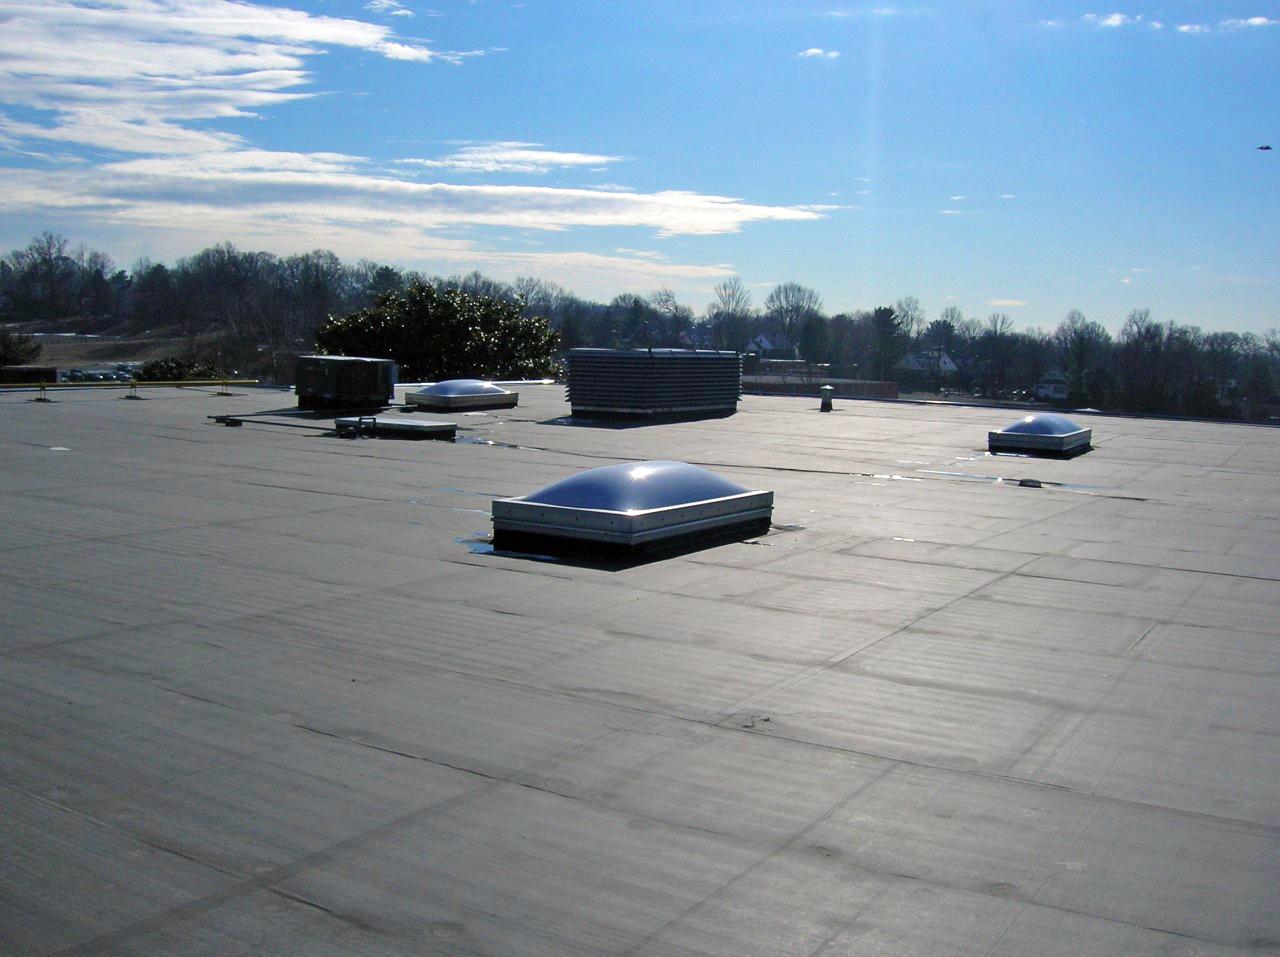 Epdm Roofing Pa Md De Va Wv Dc Heidler Roofing